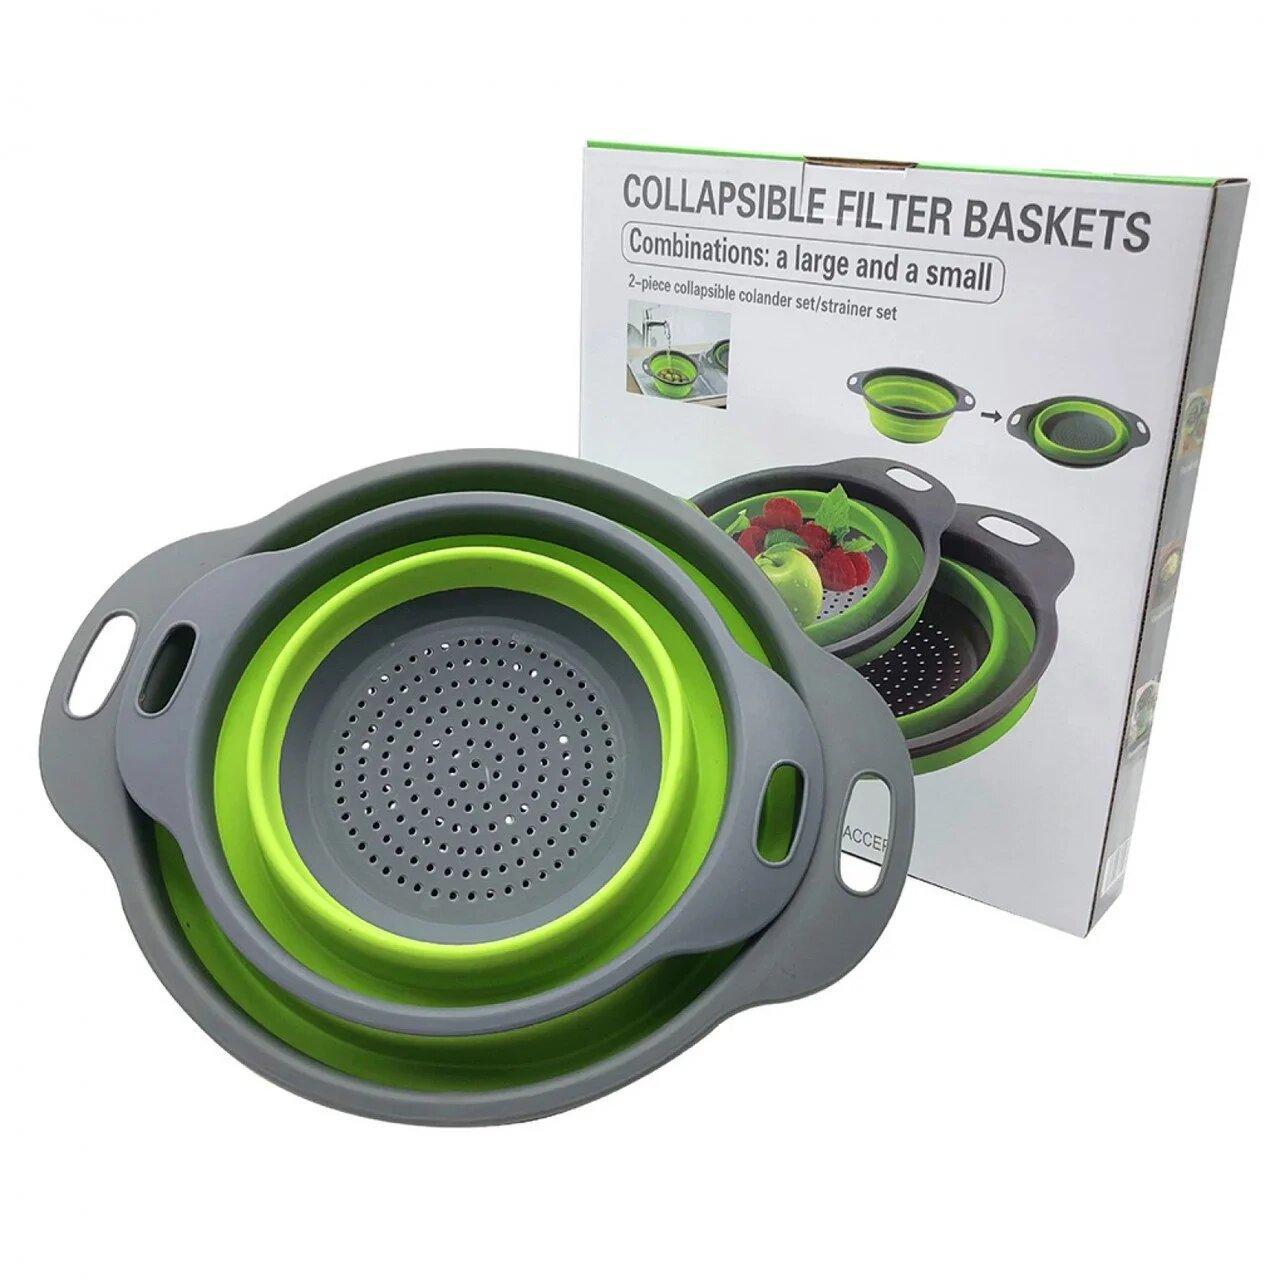 Дуршлаг силиконовый складной Collapsible filter baskets